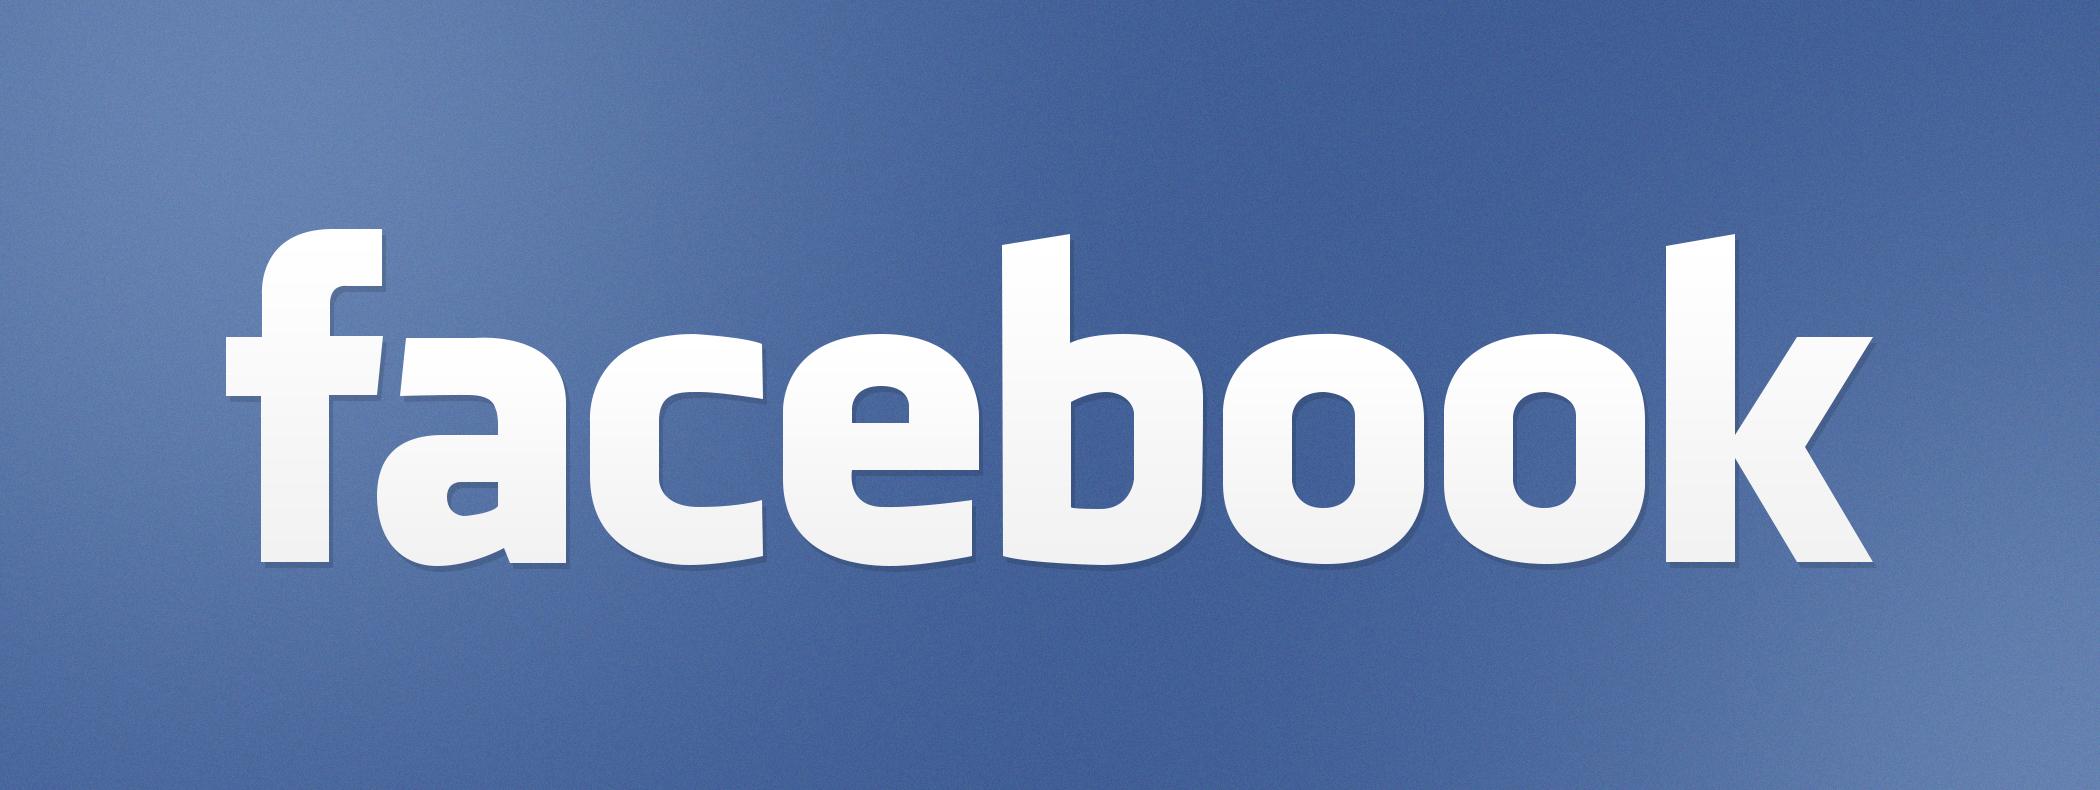 Like us on Facebook here!